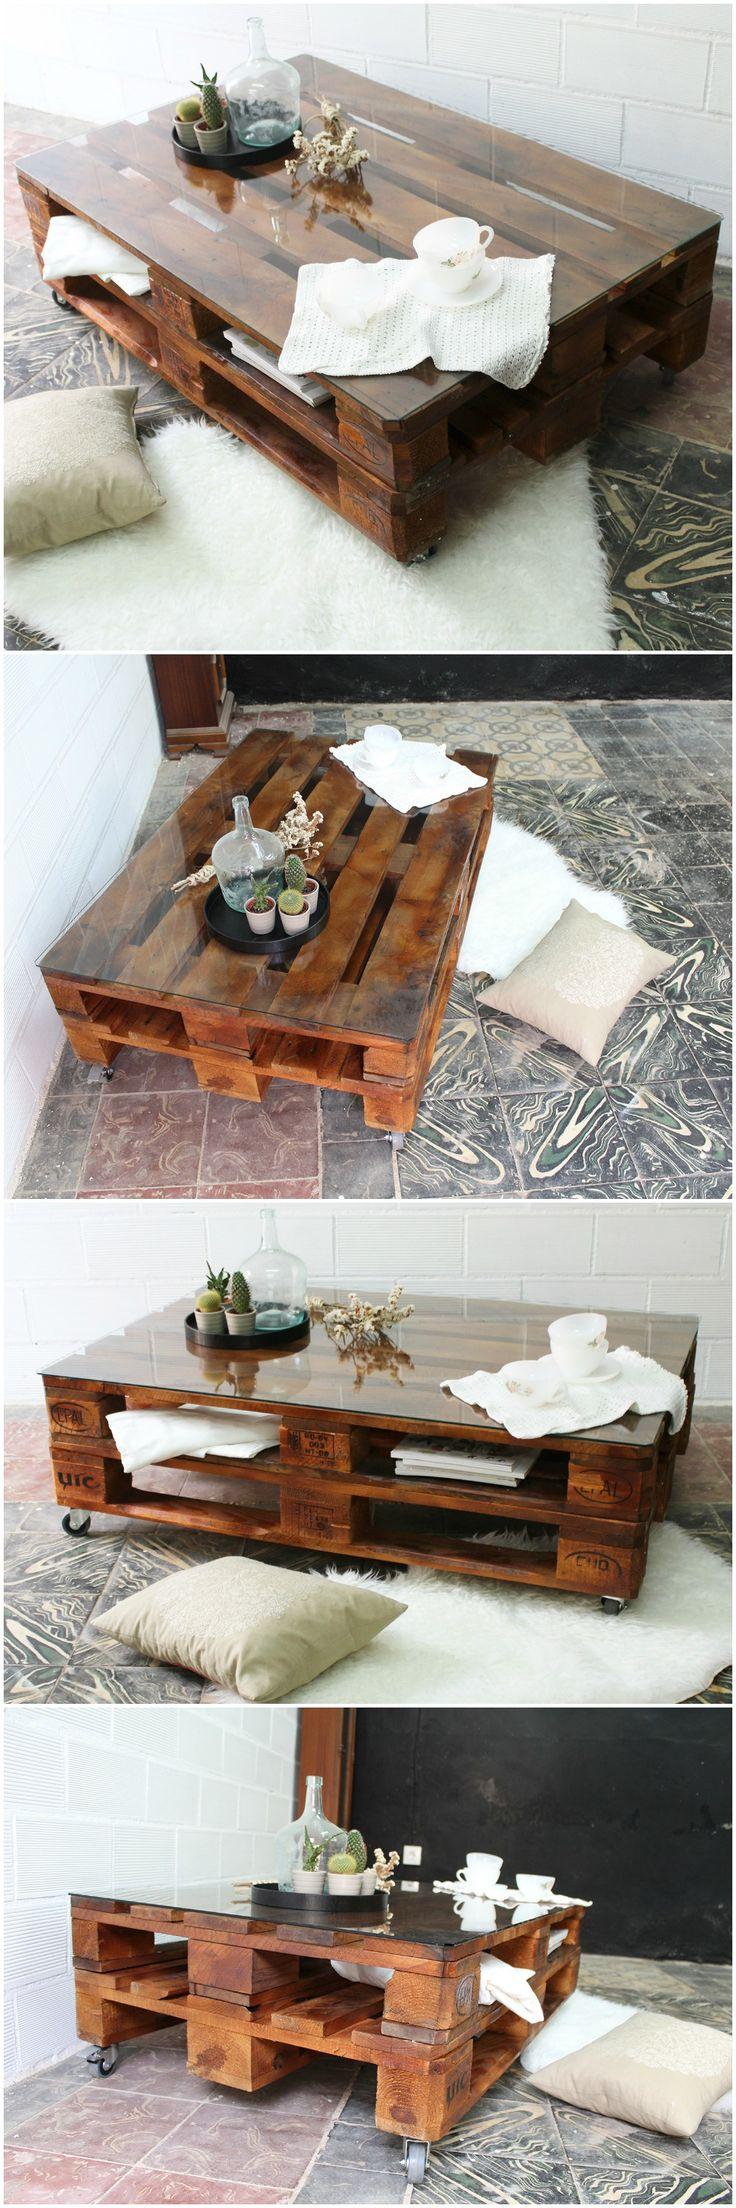 Las 25 mejores ideas sobre muebles con palets en for Muebles de jardin con palets reciclados